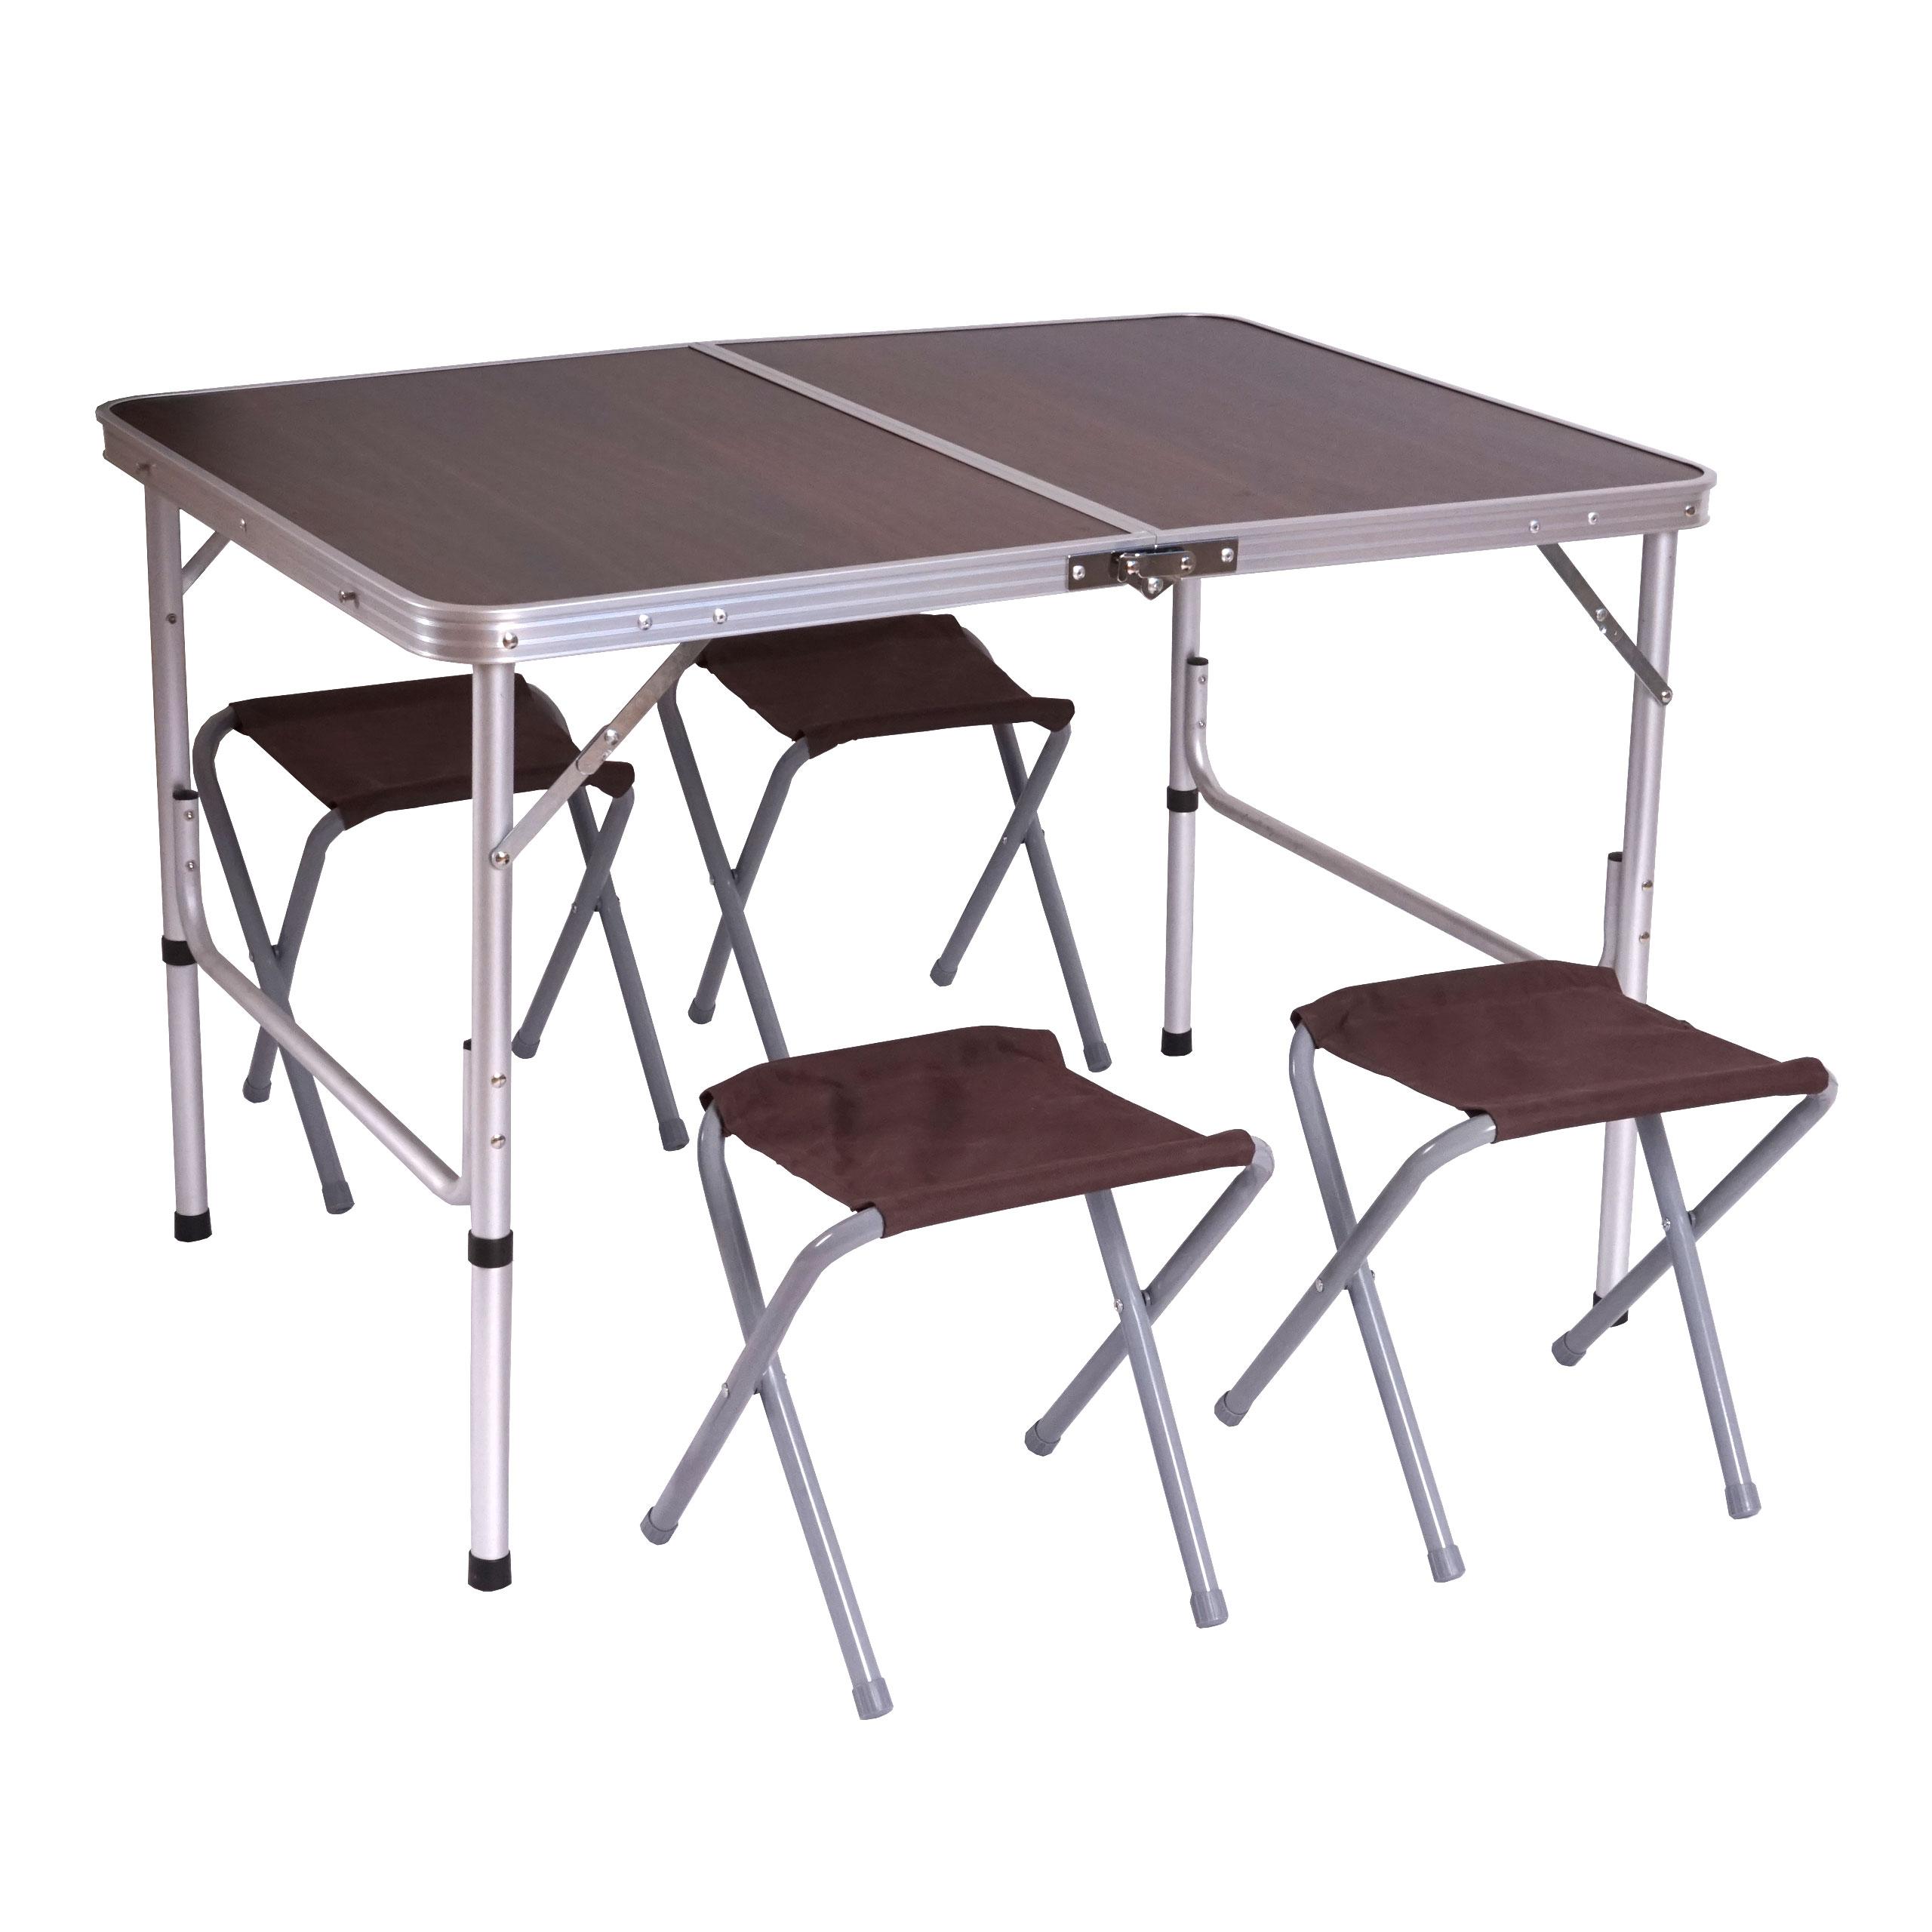 Großartig Campingküchentisch Zeitgenössisch - Küche Set Ideen ...